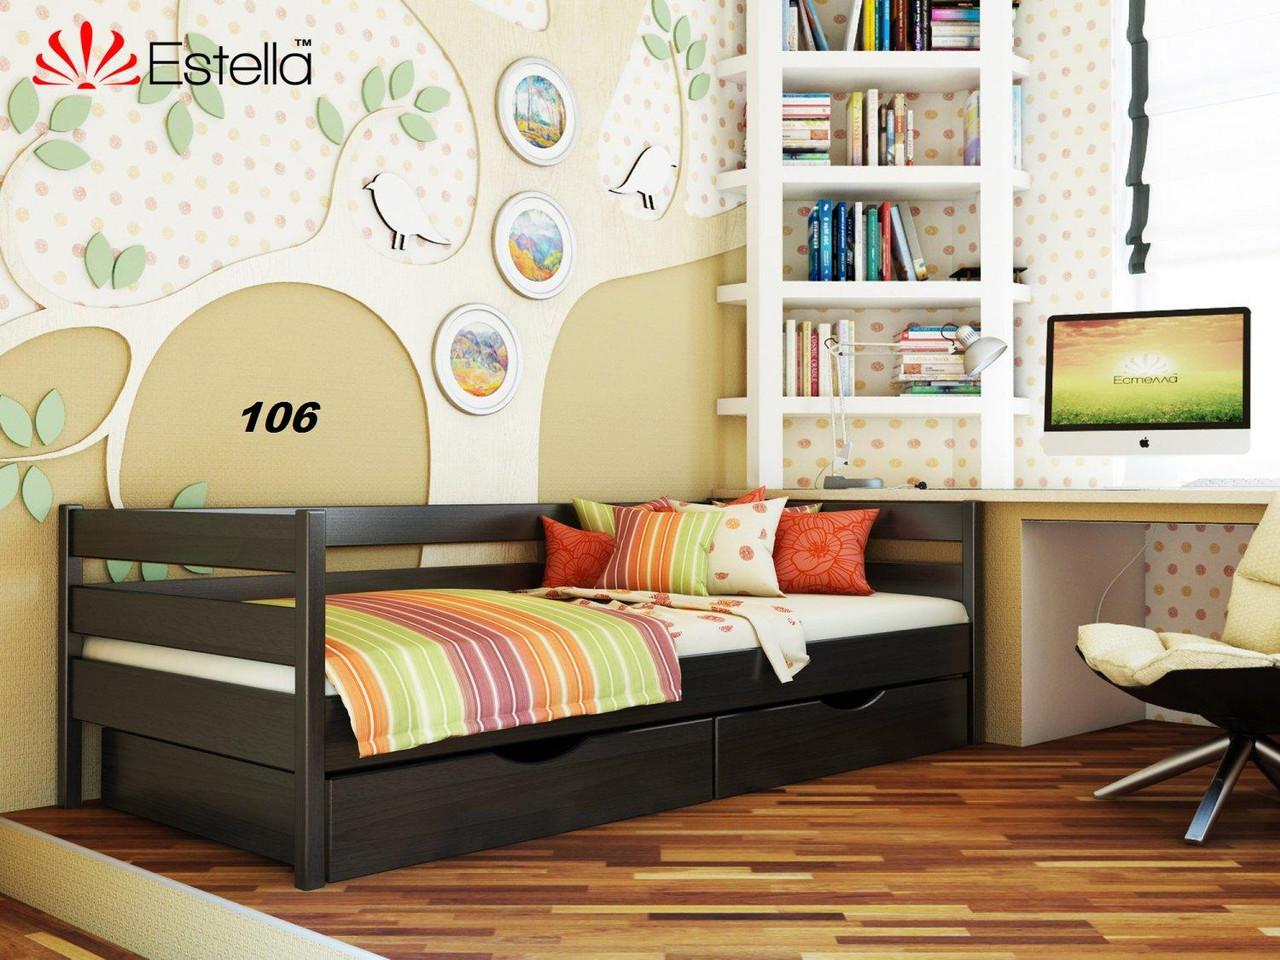 Детская Кровать Нота Бук Щит 106 (Эстелла-ТМ)